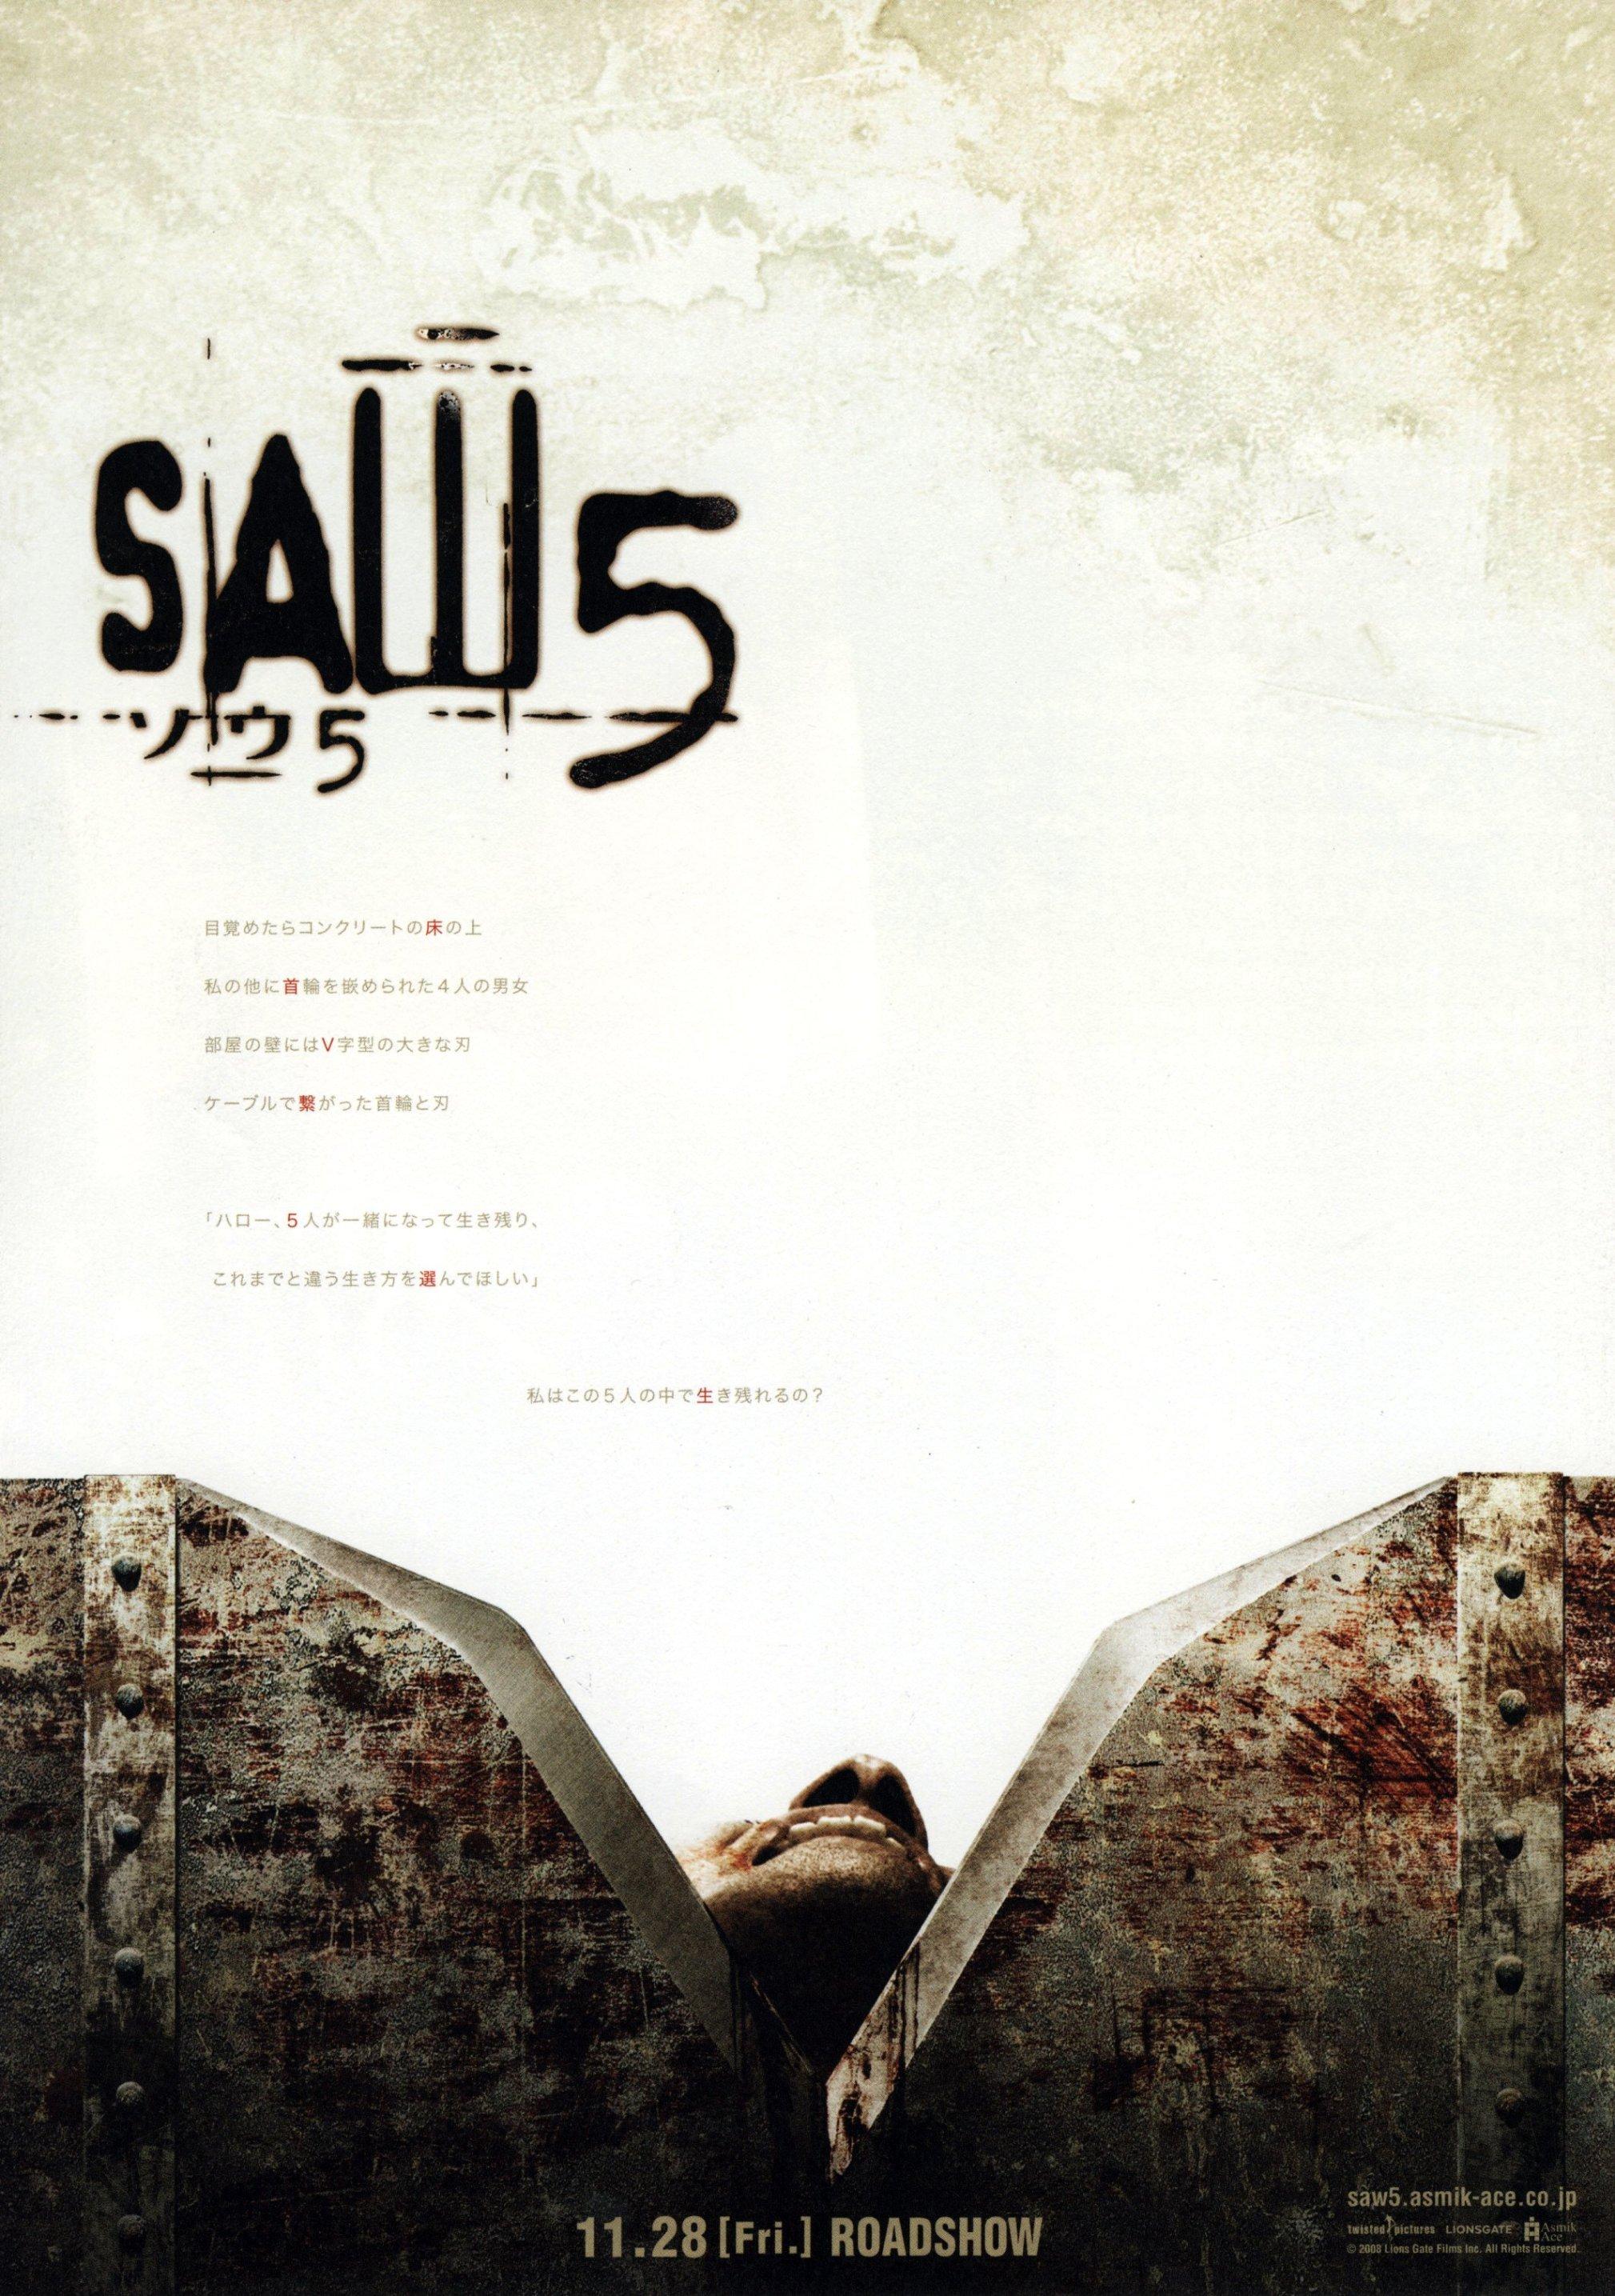 ソウ5という映画